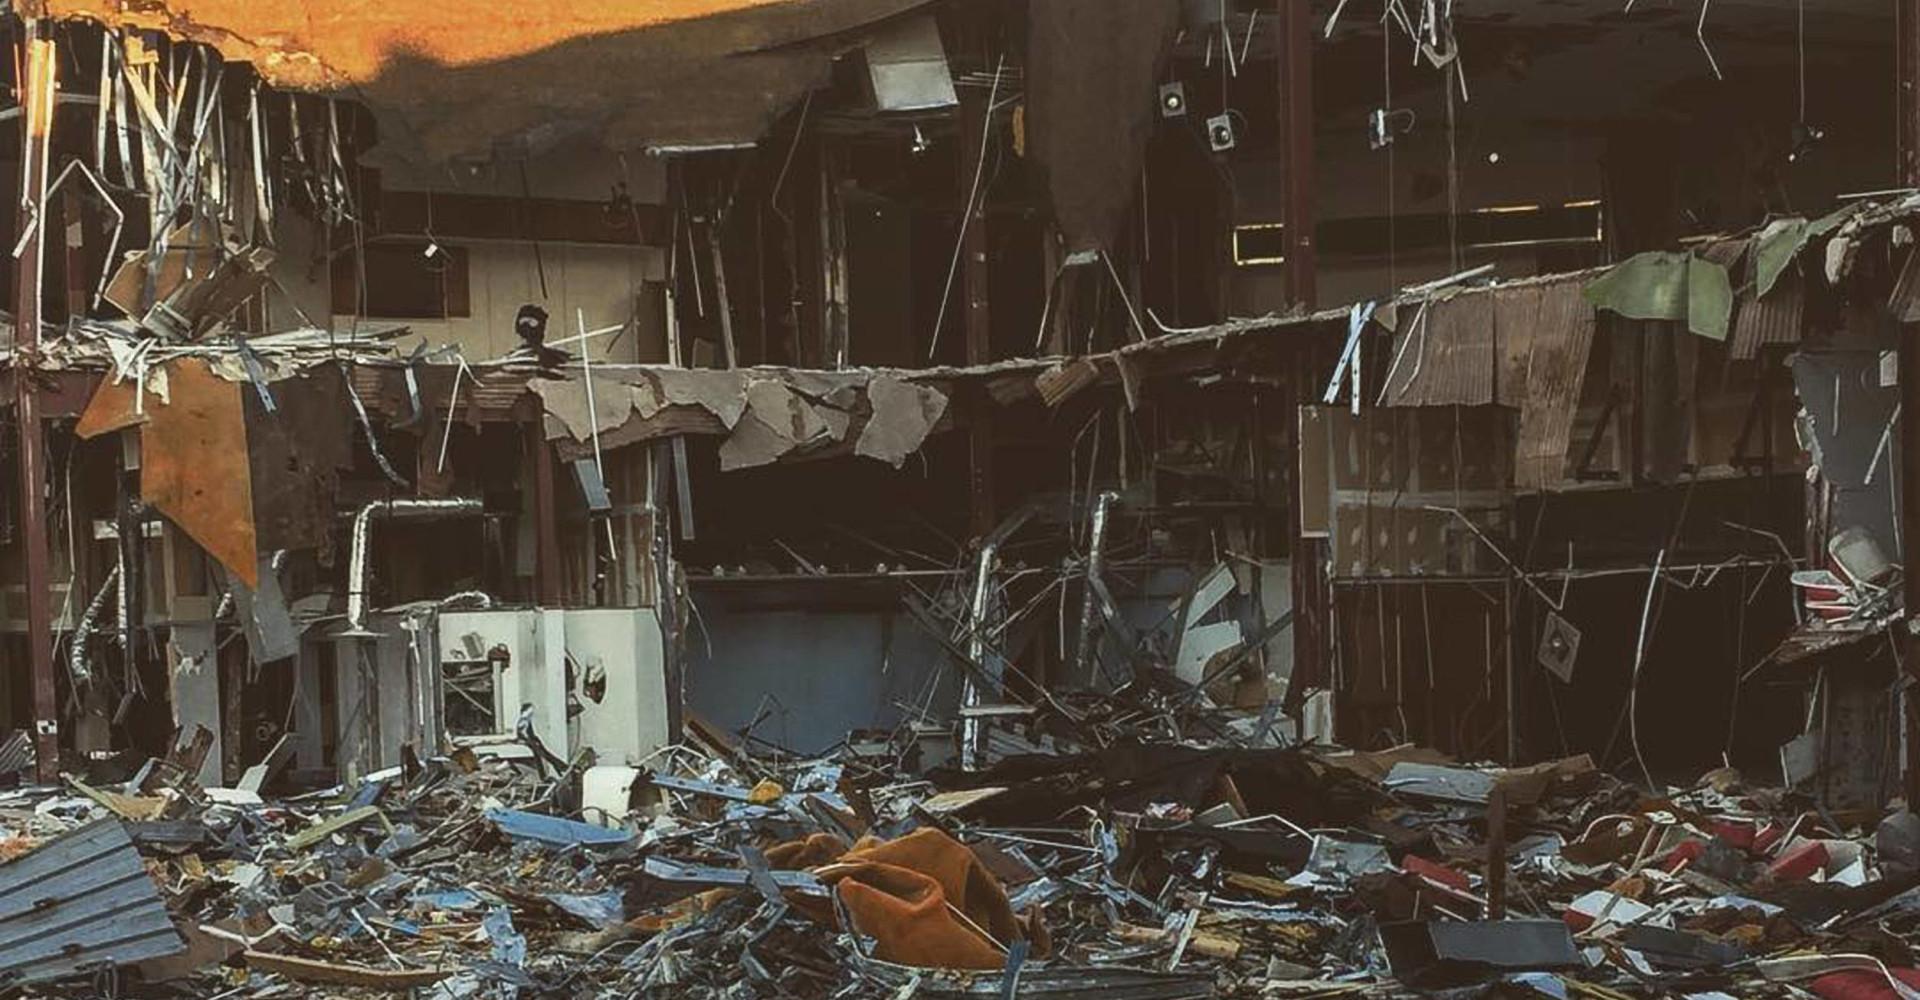 Le bellissime immagini di alcuni centri commerciali abbandonati